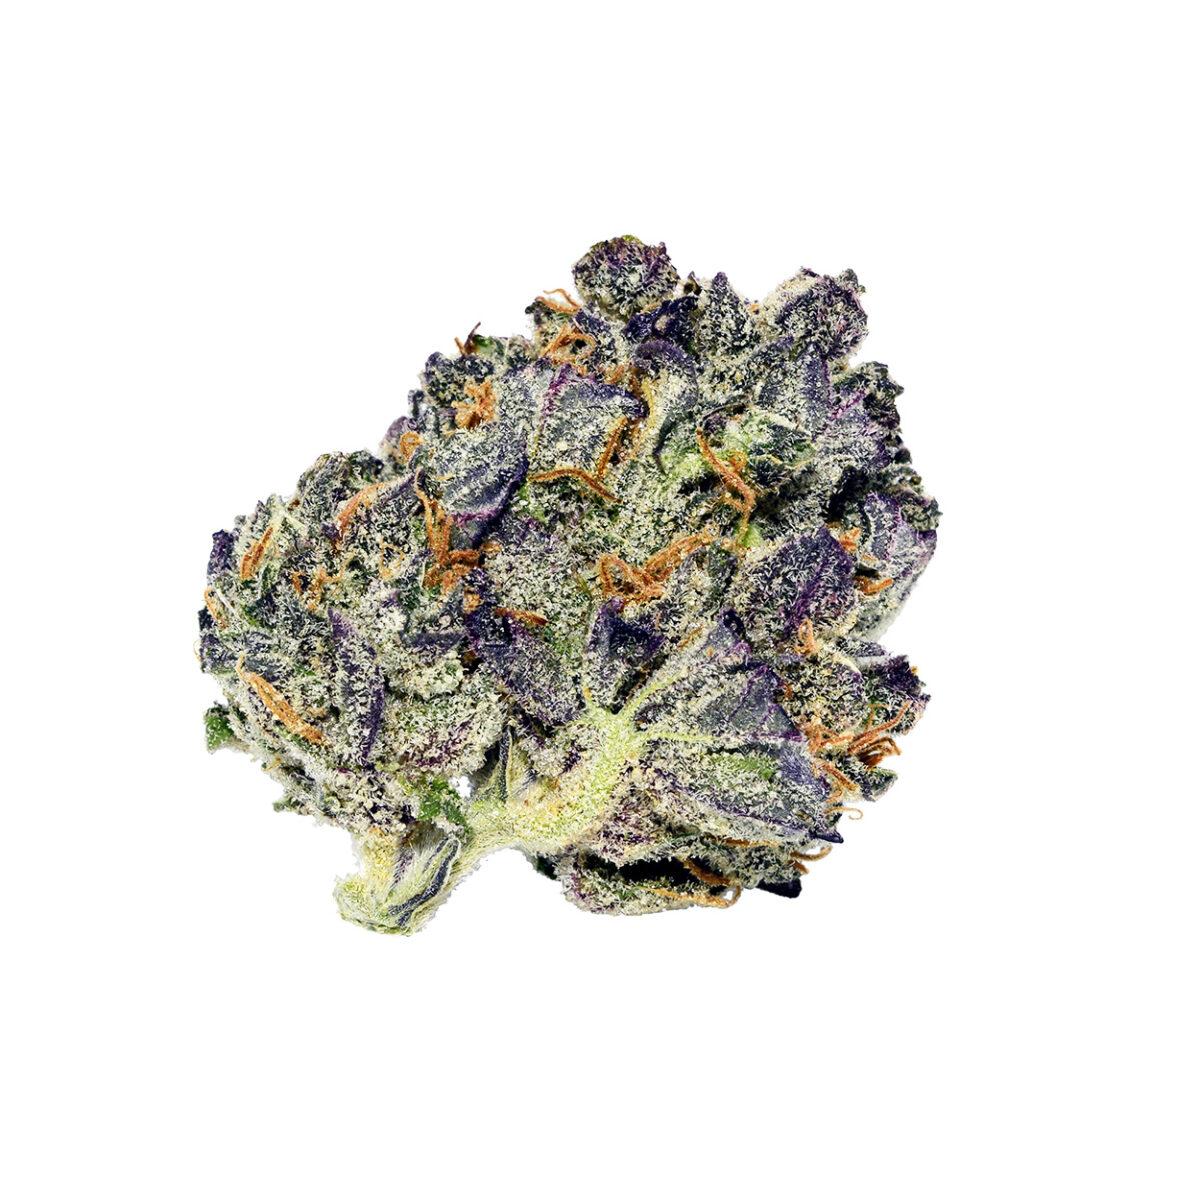 purple urkle og strain